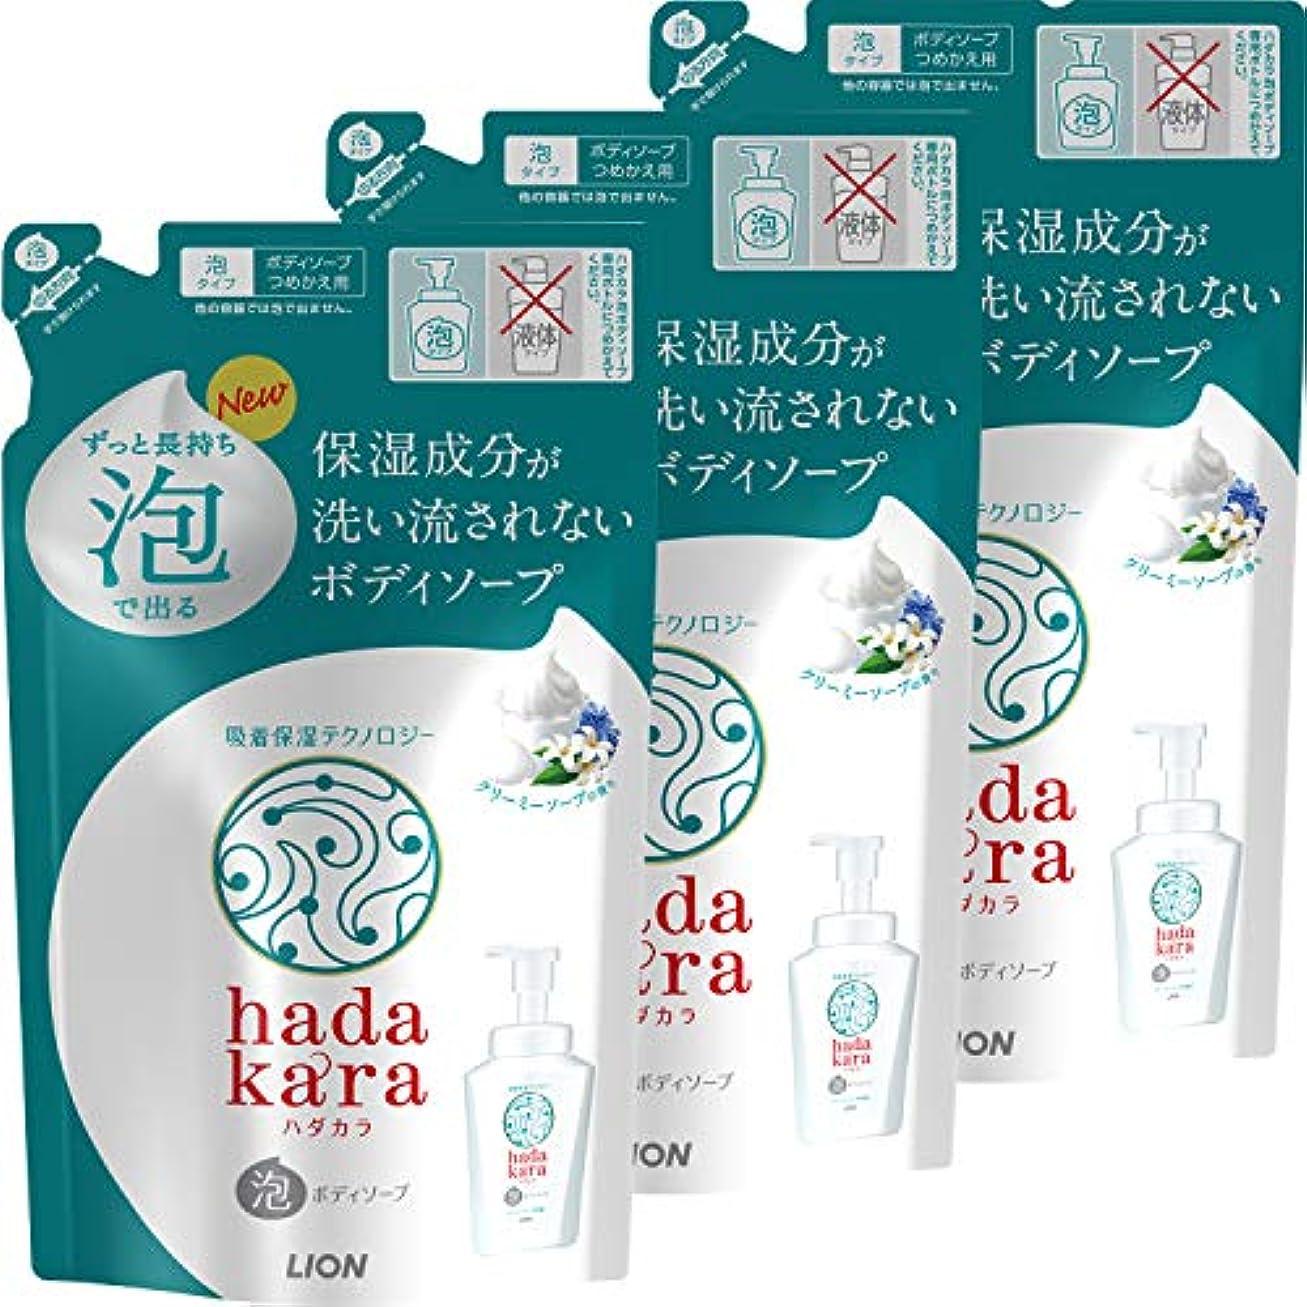 ギャングスター卑しい順応性のあるhadakara(ハダカラ) ボディソープ 泡タイプ クリーミーソープの香り 詰替440ml×3個